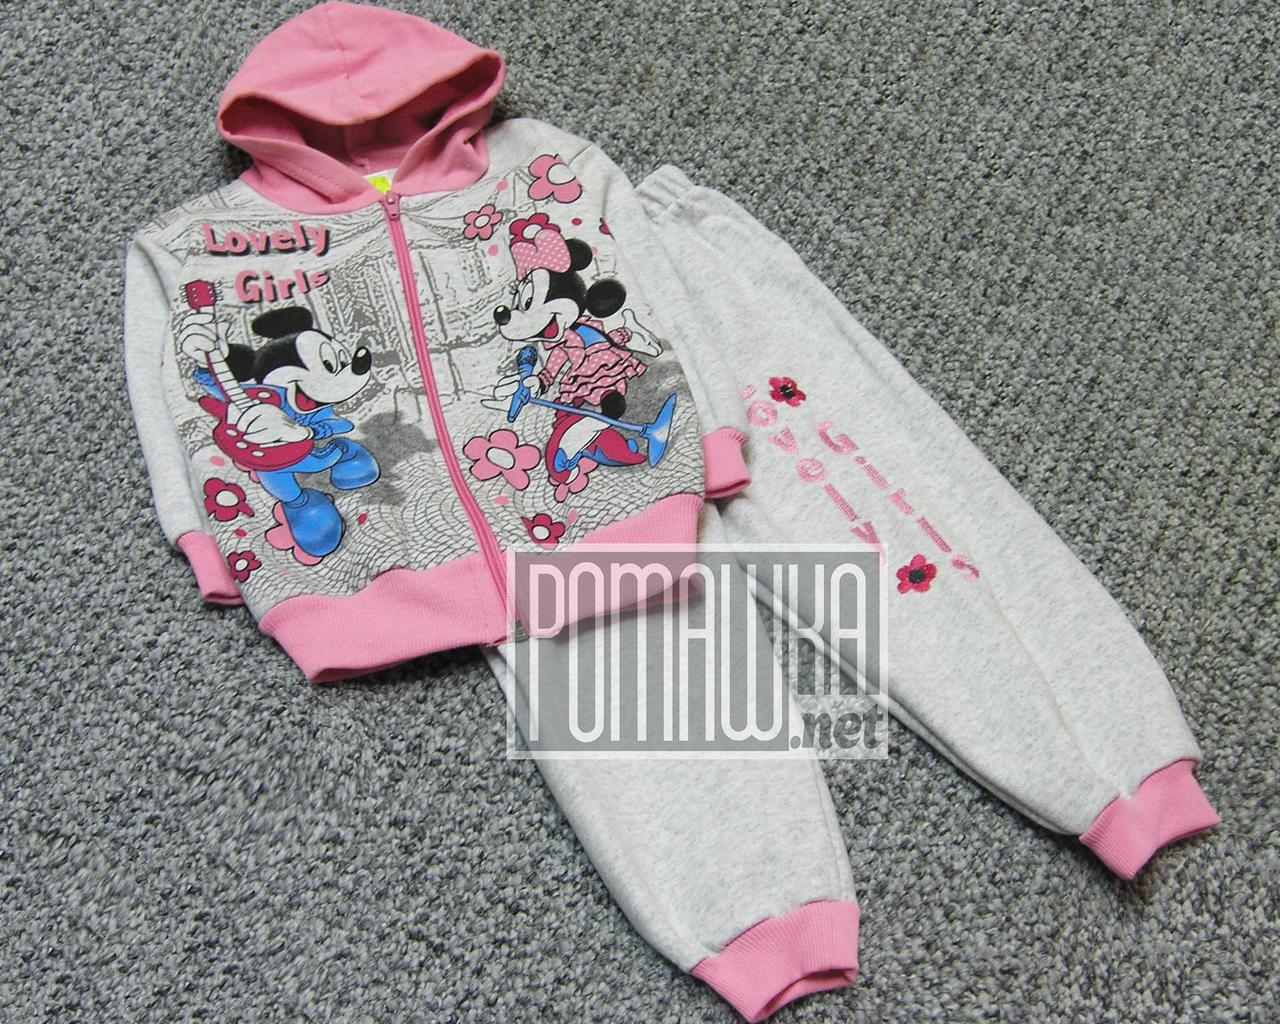 Тёплый флисовый 98 1,5-2 года детский спортивный костюм на девочку детей с начёсом на флисе ФУТЕР 4848 Розовый